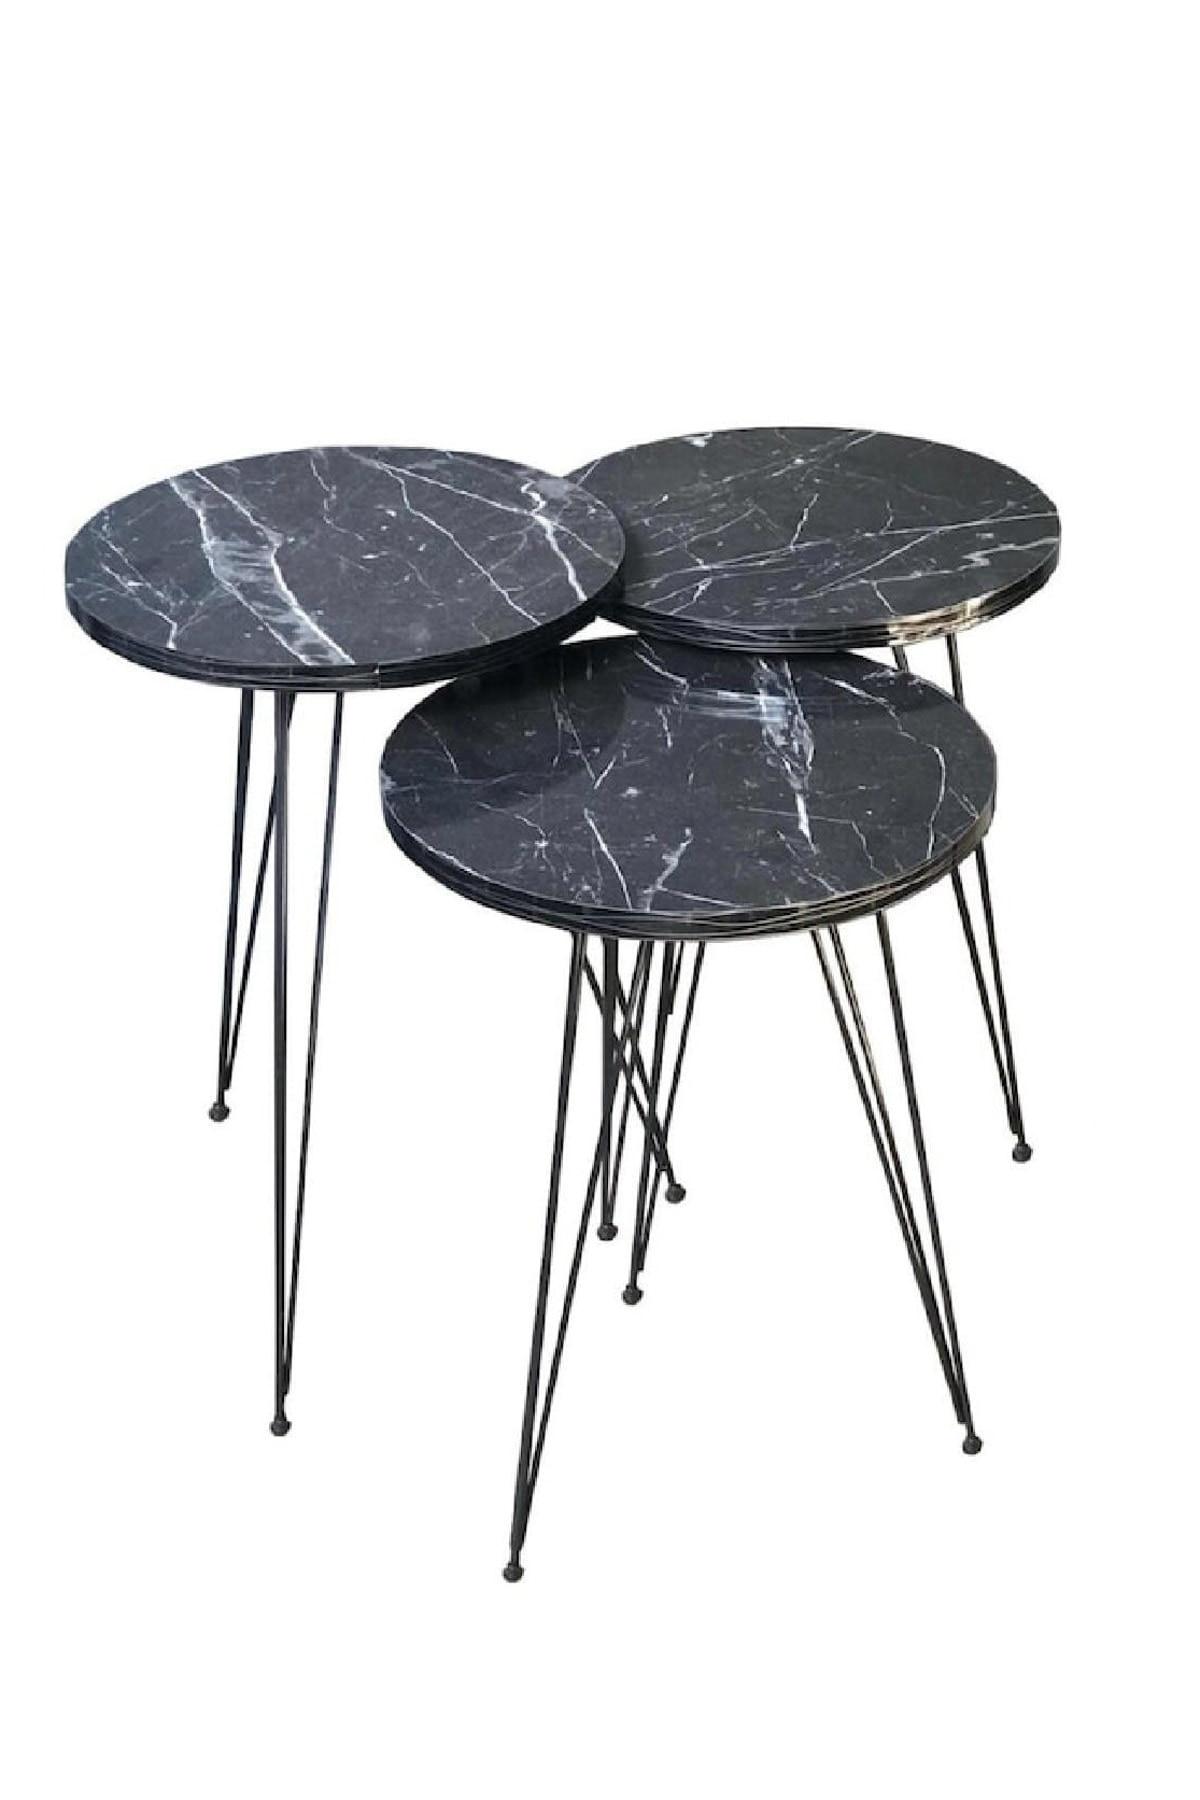 Zigon Sehpa Metal Ayak 3lü Servis Sehpası Siyah Mermer Desen Oturma Odası Moda Dekor Kullanışlı Sunum modern ahşap kahverengi sehpa kahve sehpası çay sehpası meyve masası kanepe yanı oturma odası için mobilya sehpa